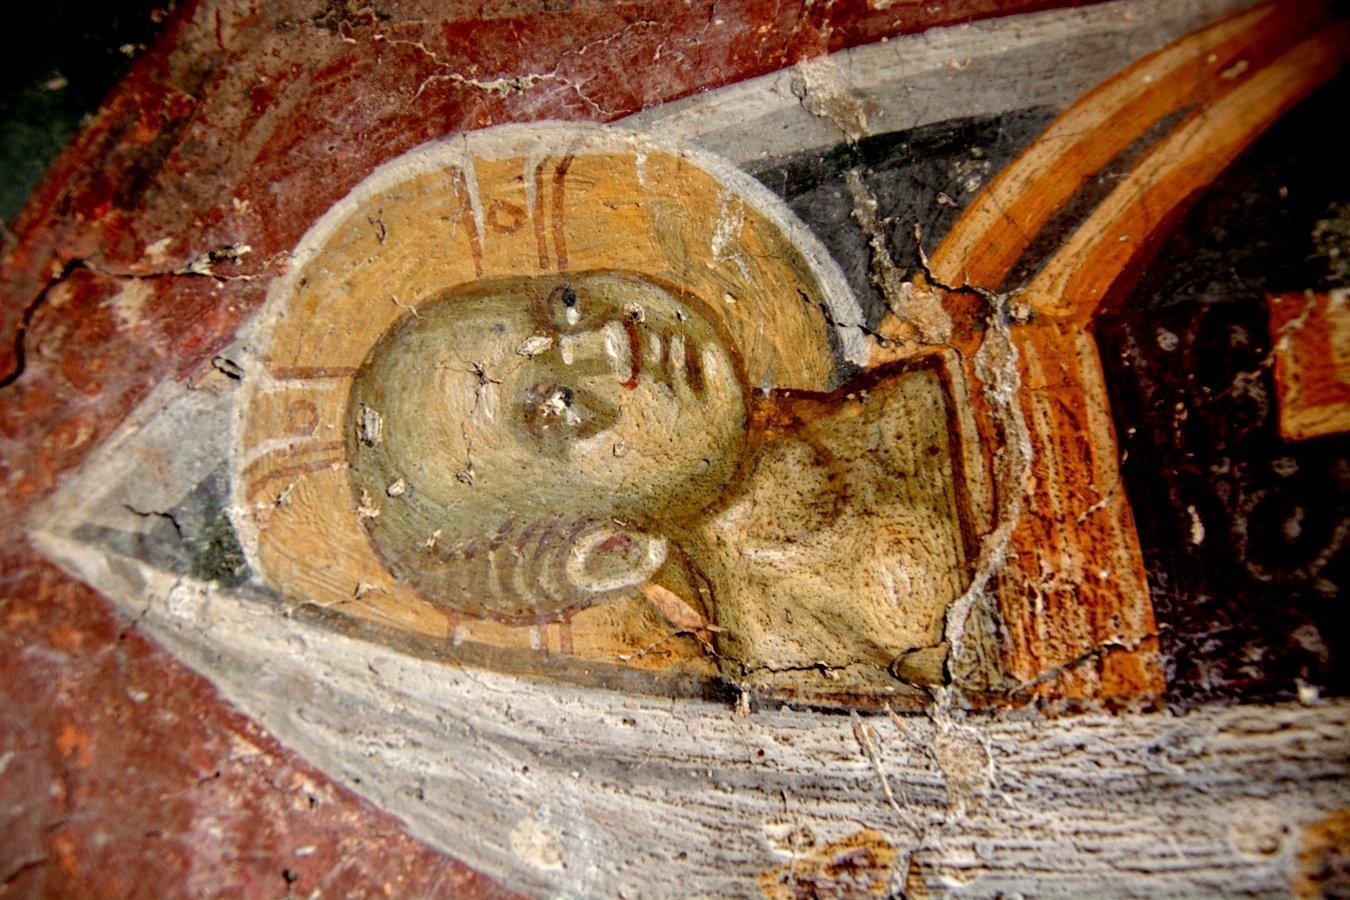 Христос Агнец Божий. Фреска церкви Святого Никиты в Чучере близ Скопье, Македония. Около 1316 года. Иконописцы Михаил и Евтихий. Фрагмент.